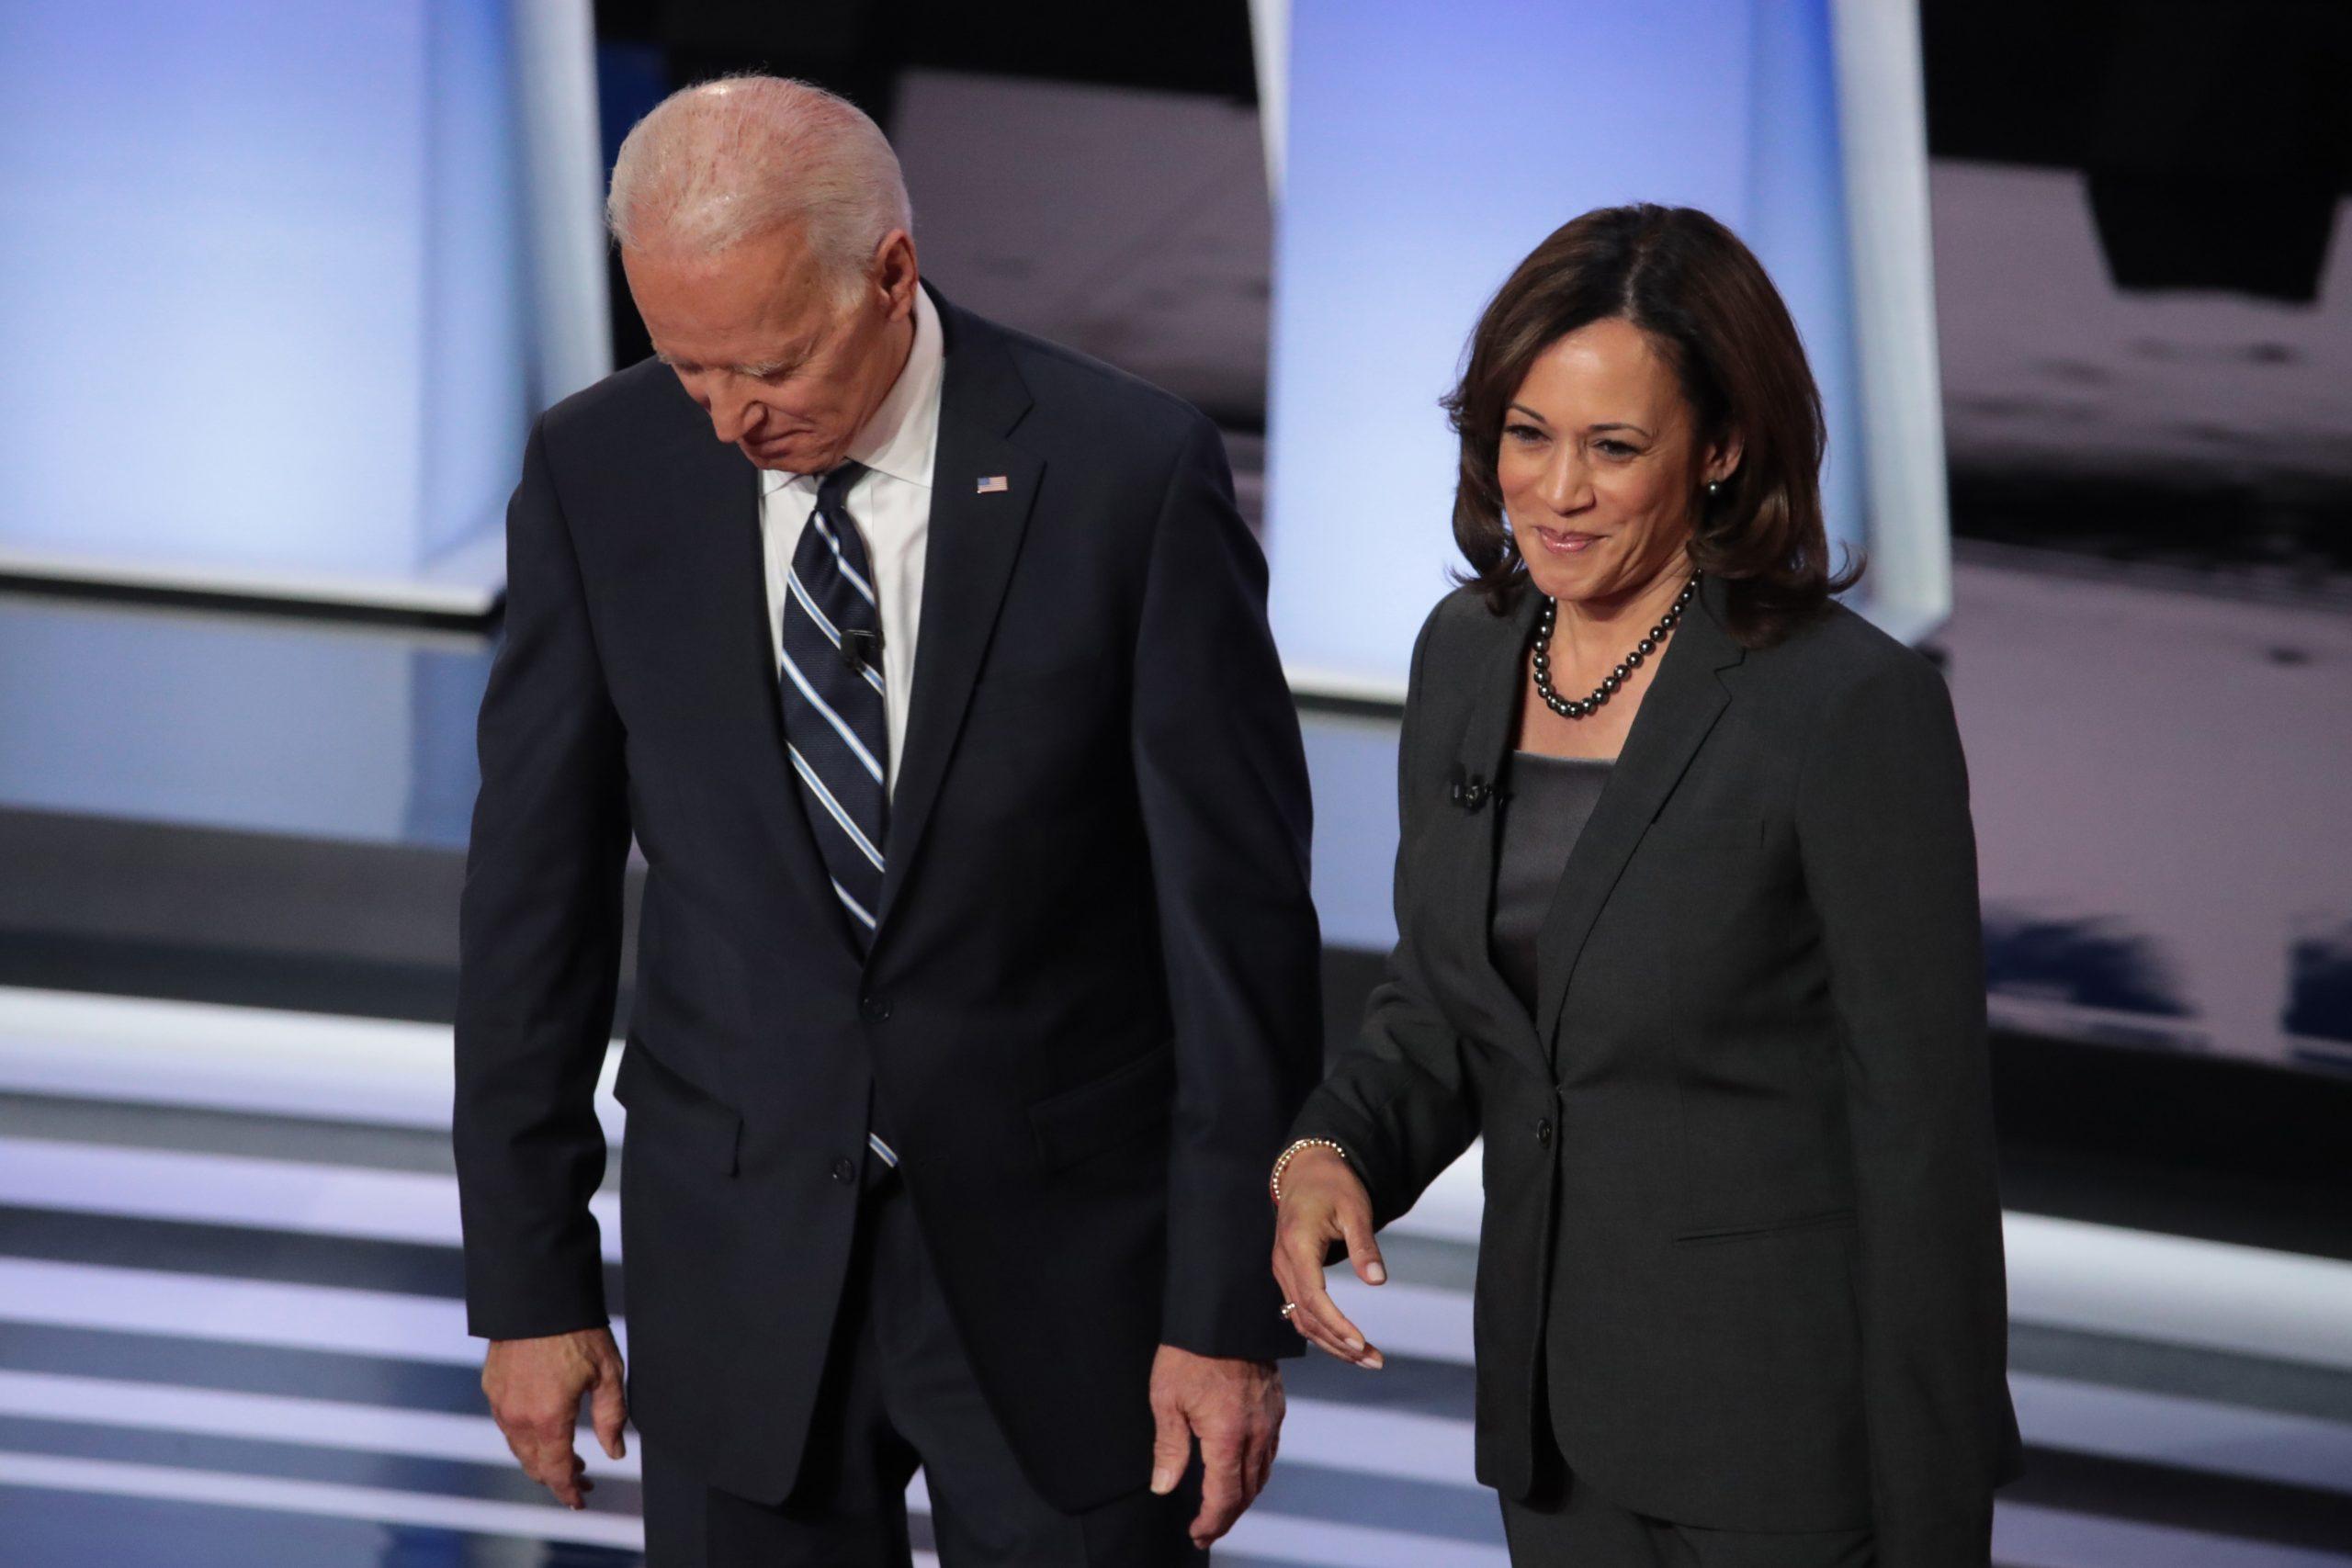 «إندبندنت»: كامالا هاريس أم مايك بنس..من سيكون نائب الرئيس الأمريكي القادم؟